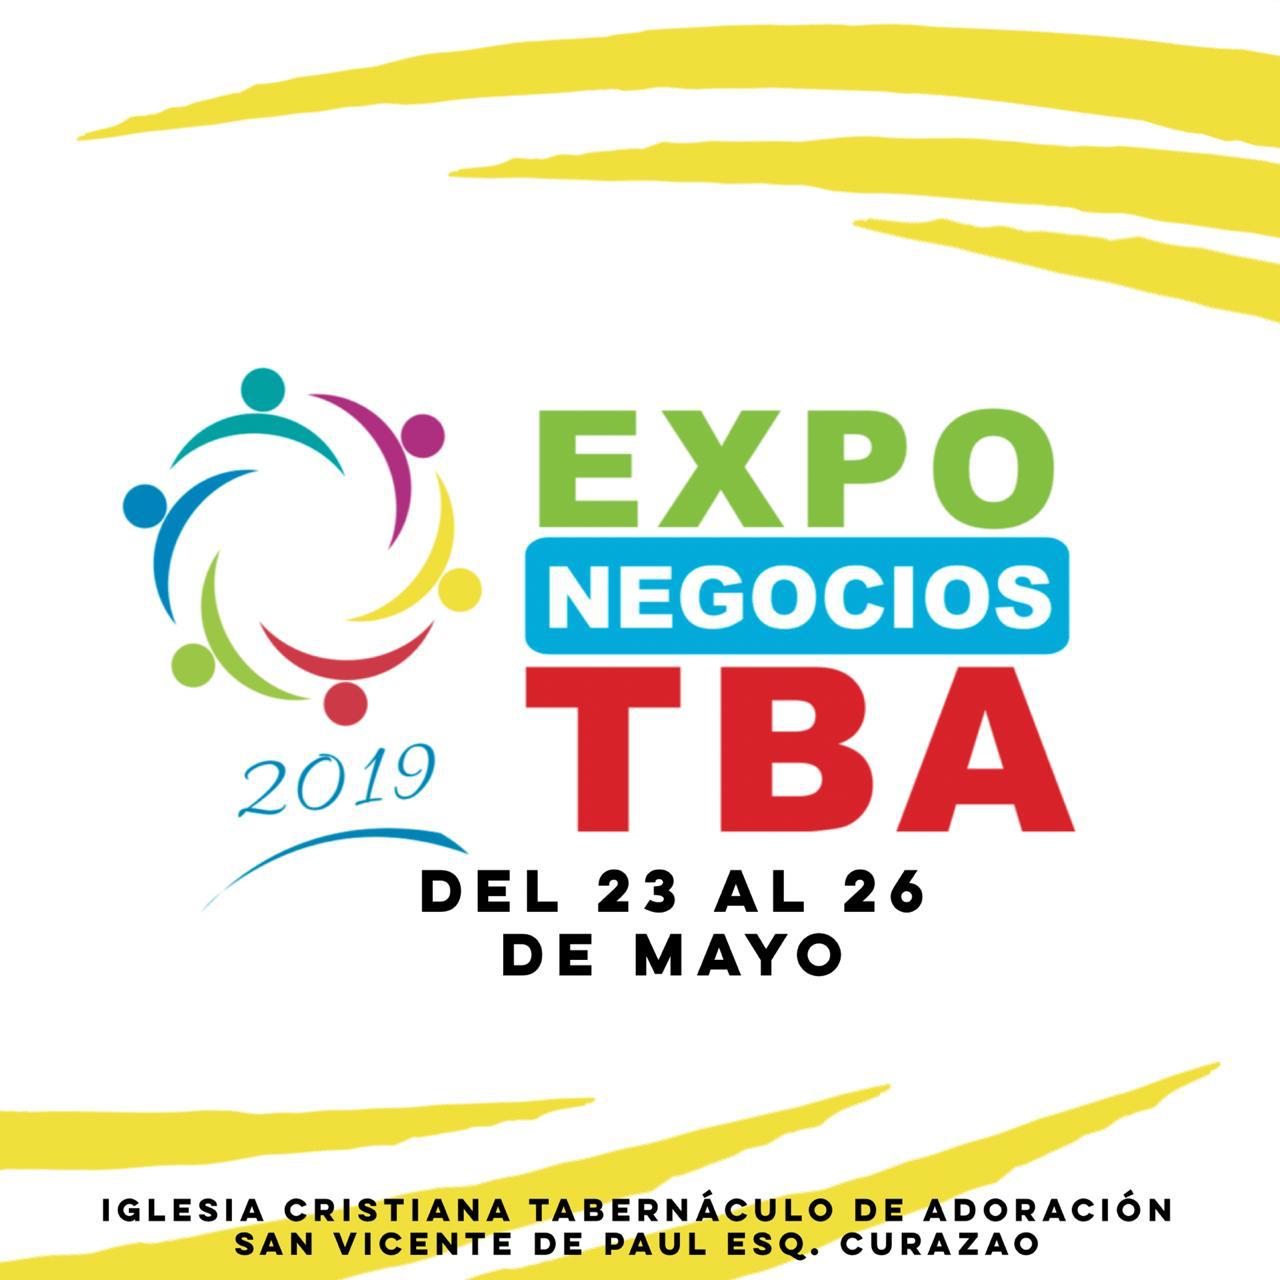 Expo Negocios TBA 2019